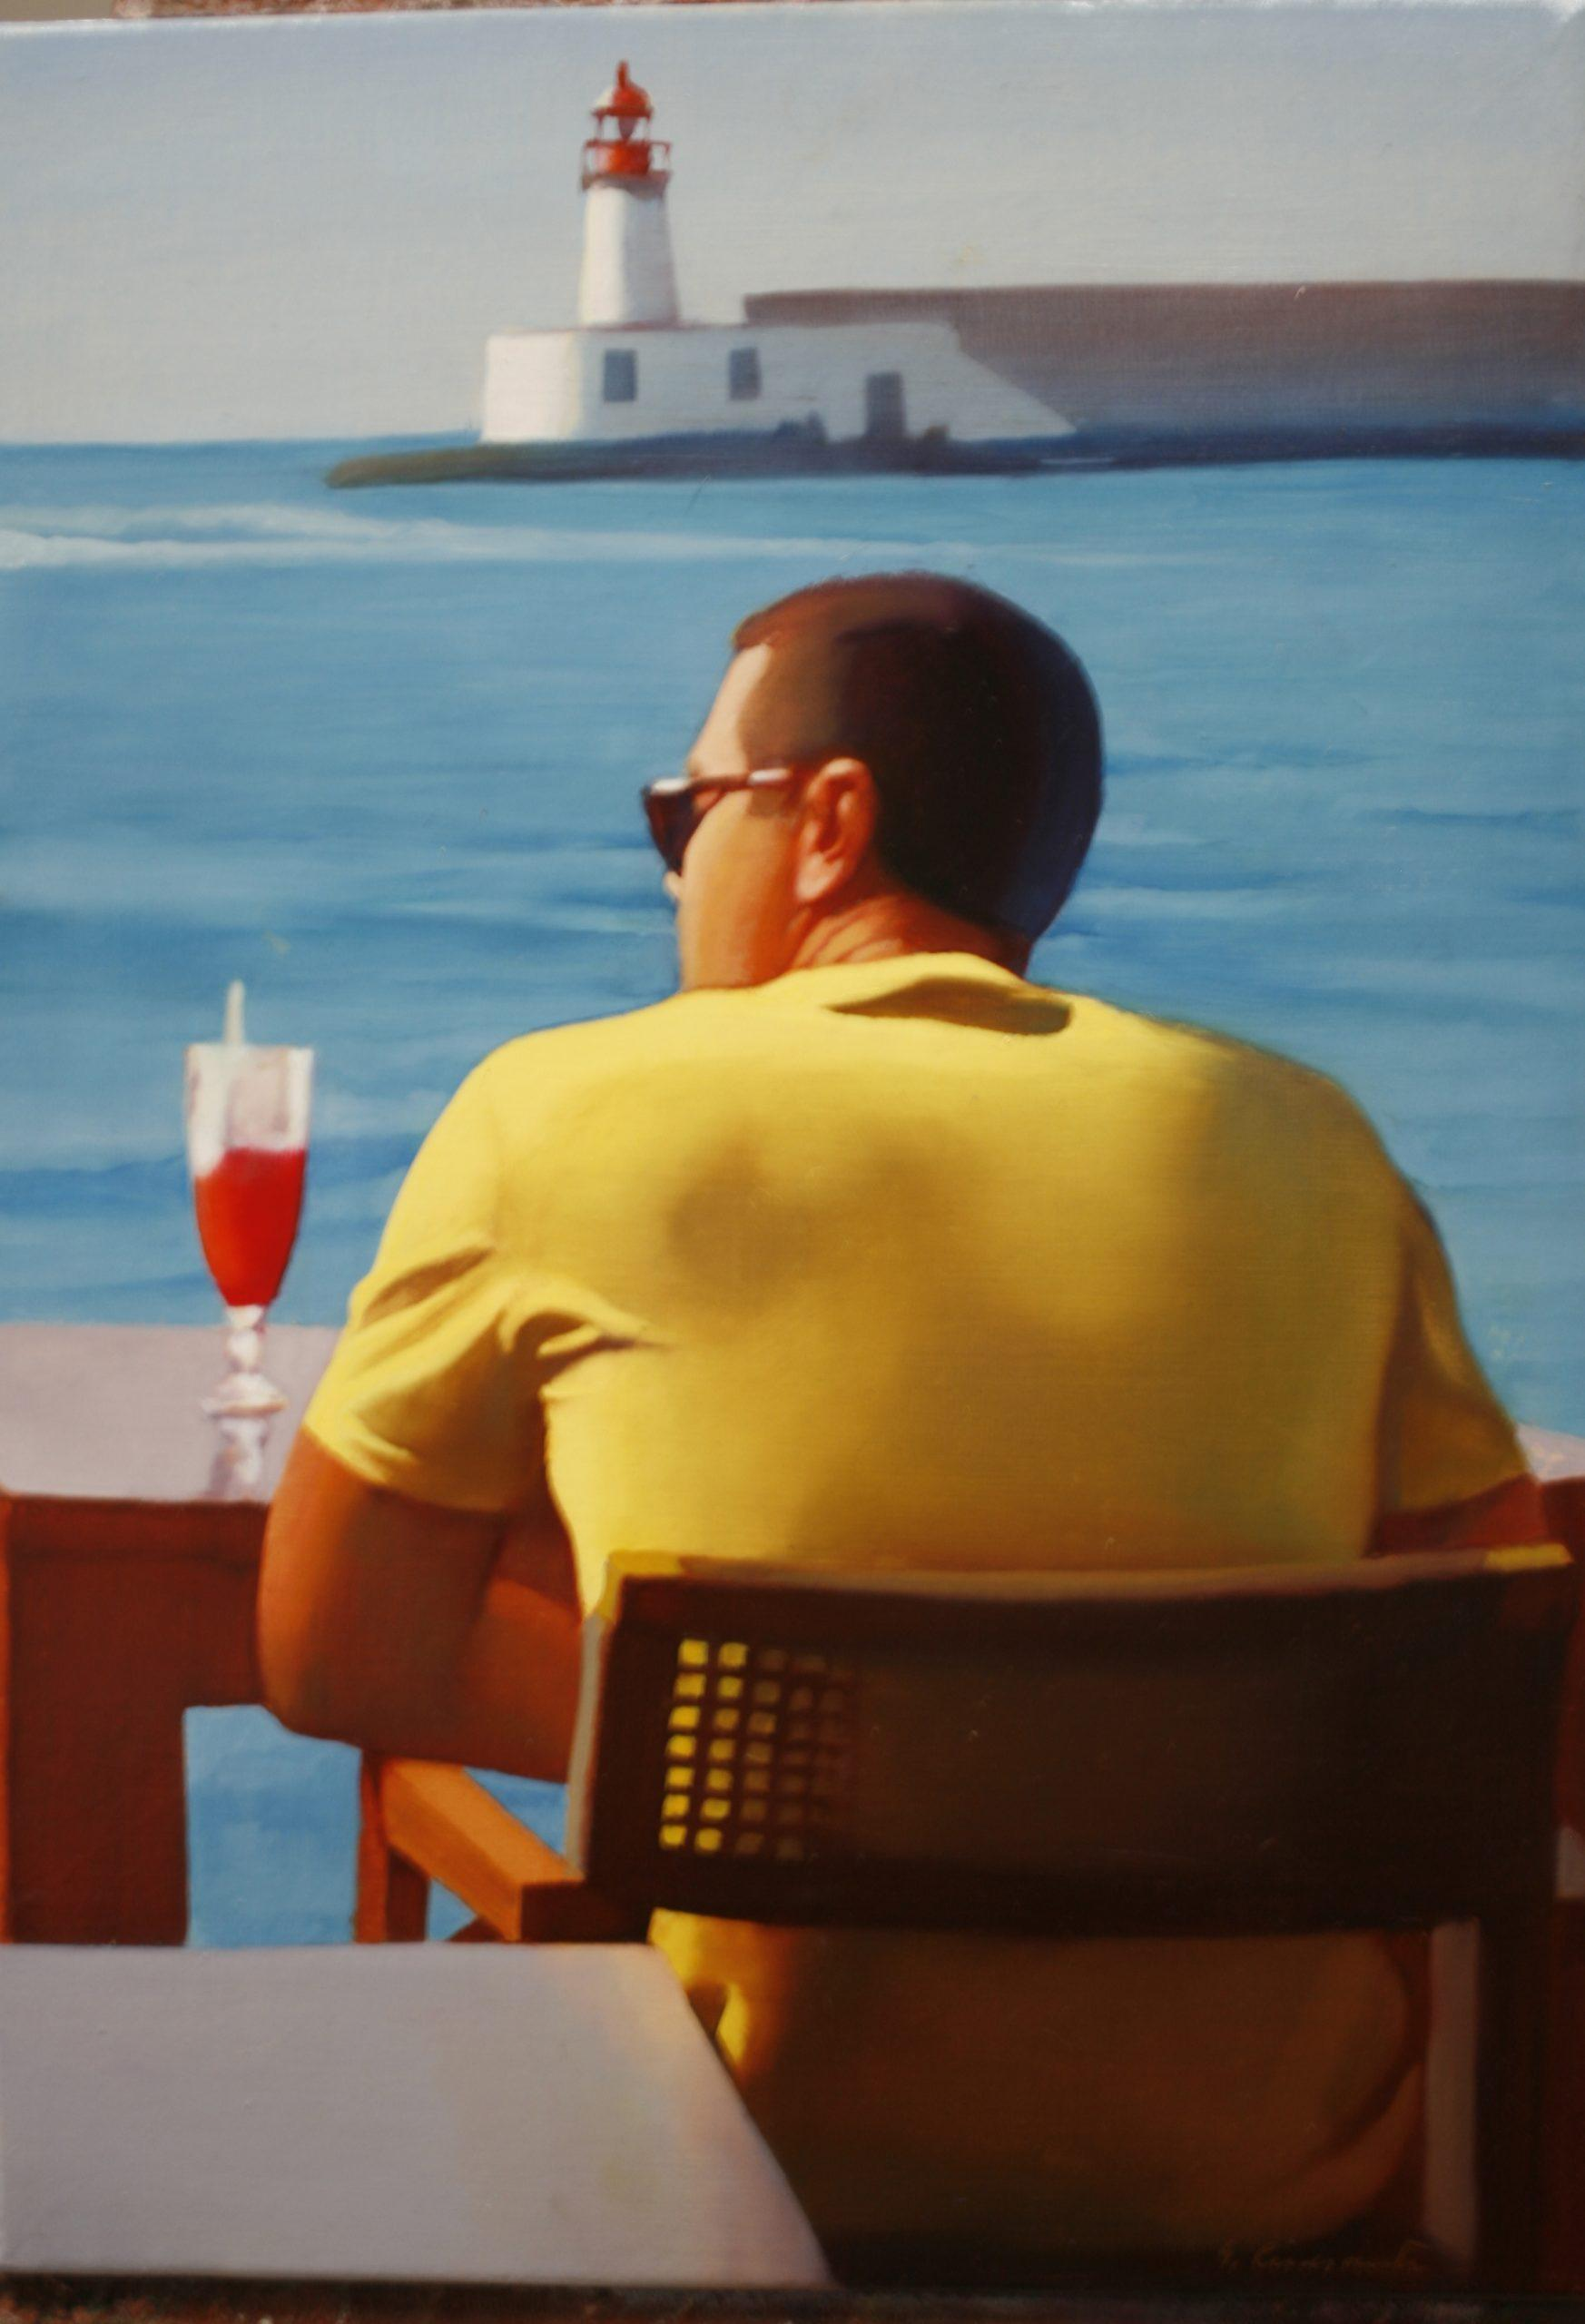 JMC54 José María Cuasante Sin título óleo sobre lienzo 46 x 33 cm 2019